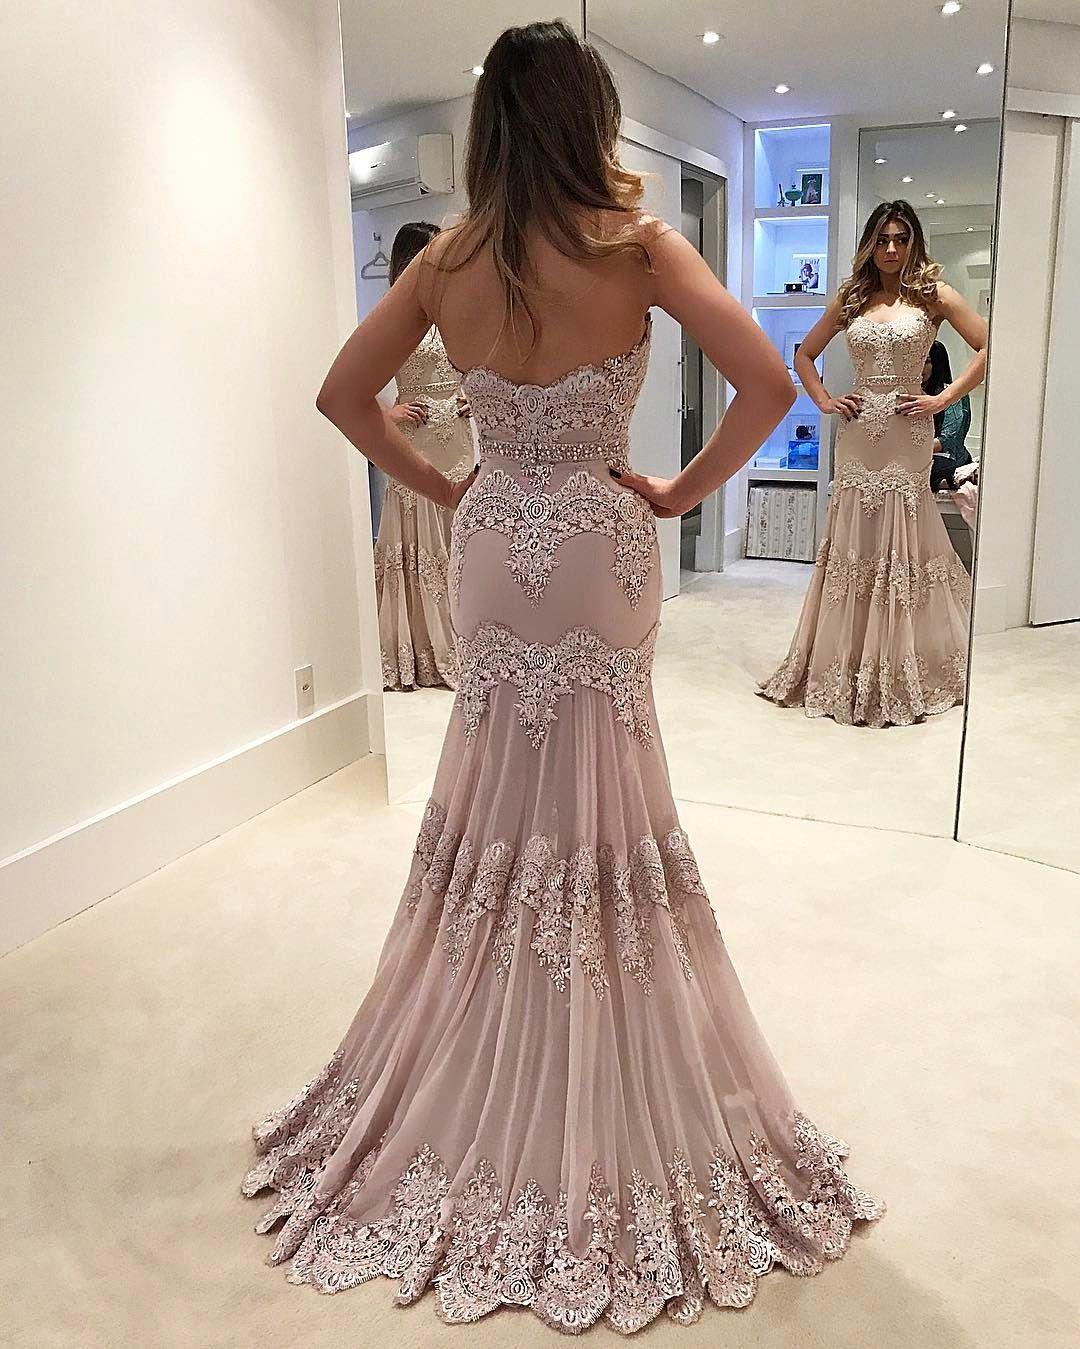 15 Leicht Abendkleider Günstig Design20 Coolste Abendkleider Günstig Bester Preis